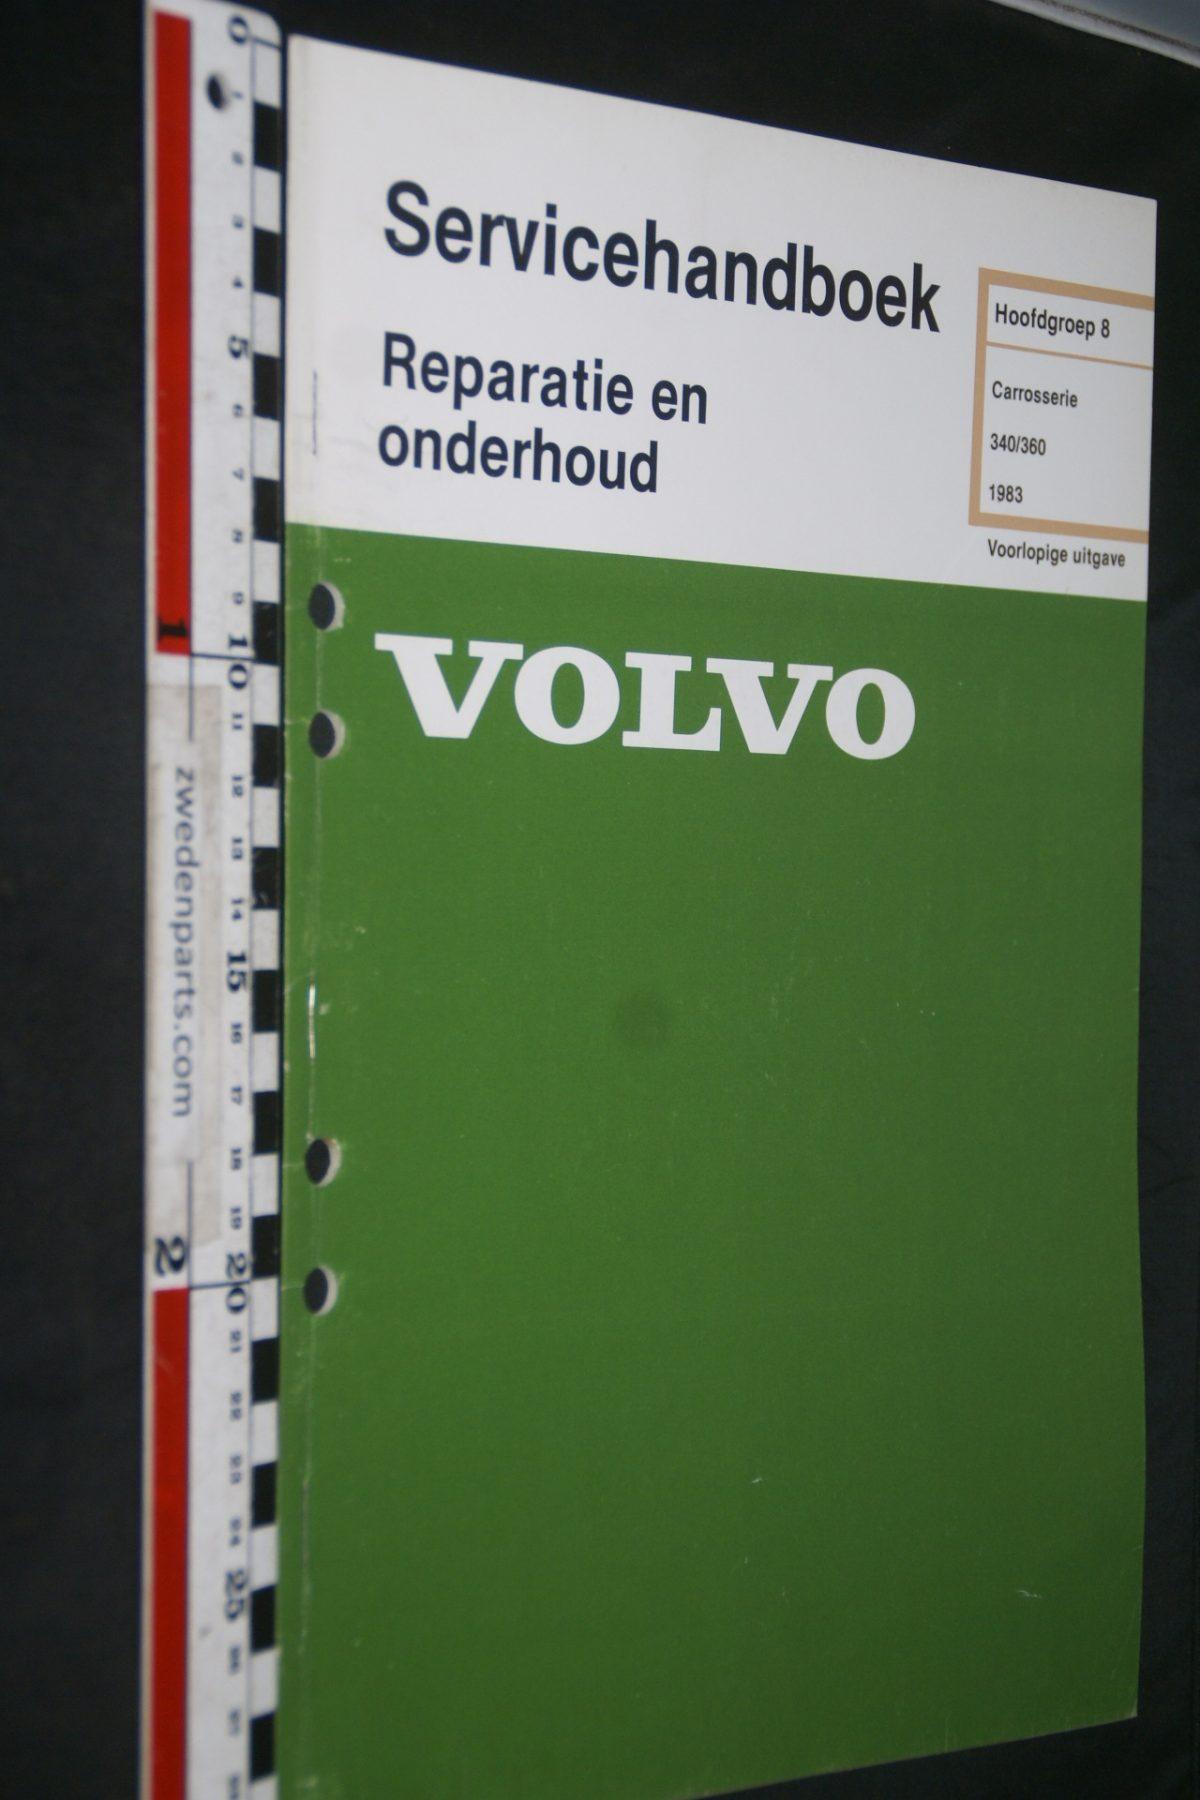 DSC06814 1982 origineel Volvo 340,360 servicehandboek 8 carosserie 1 van 800 TP 35120-1